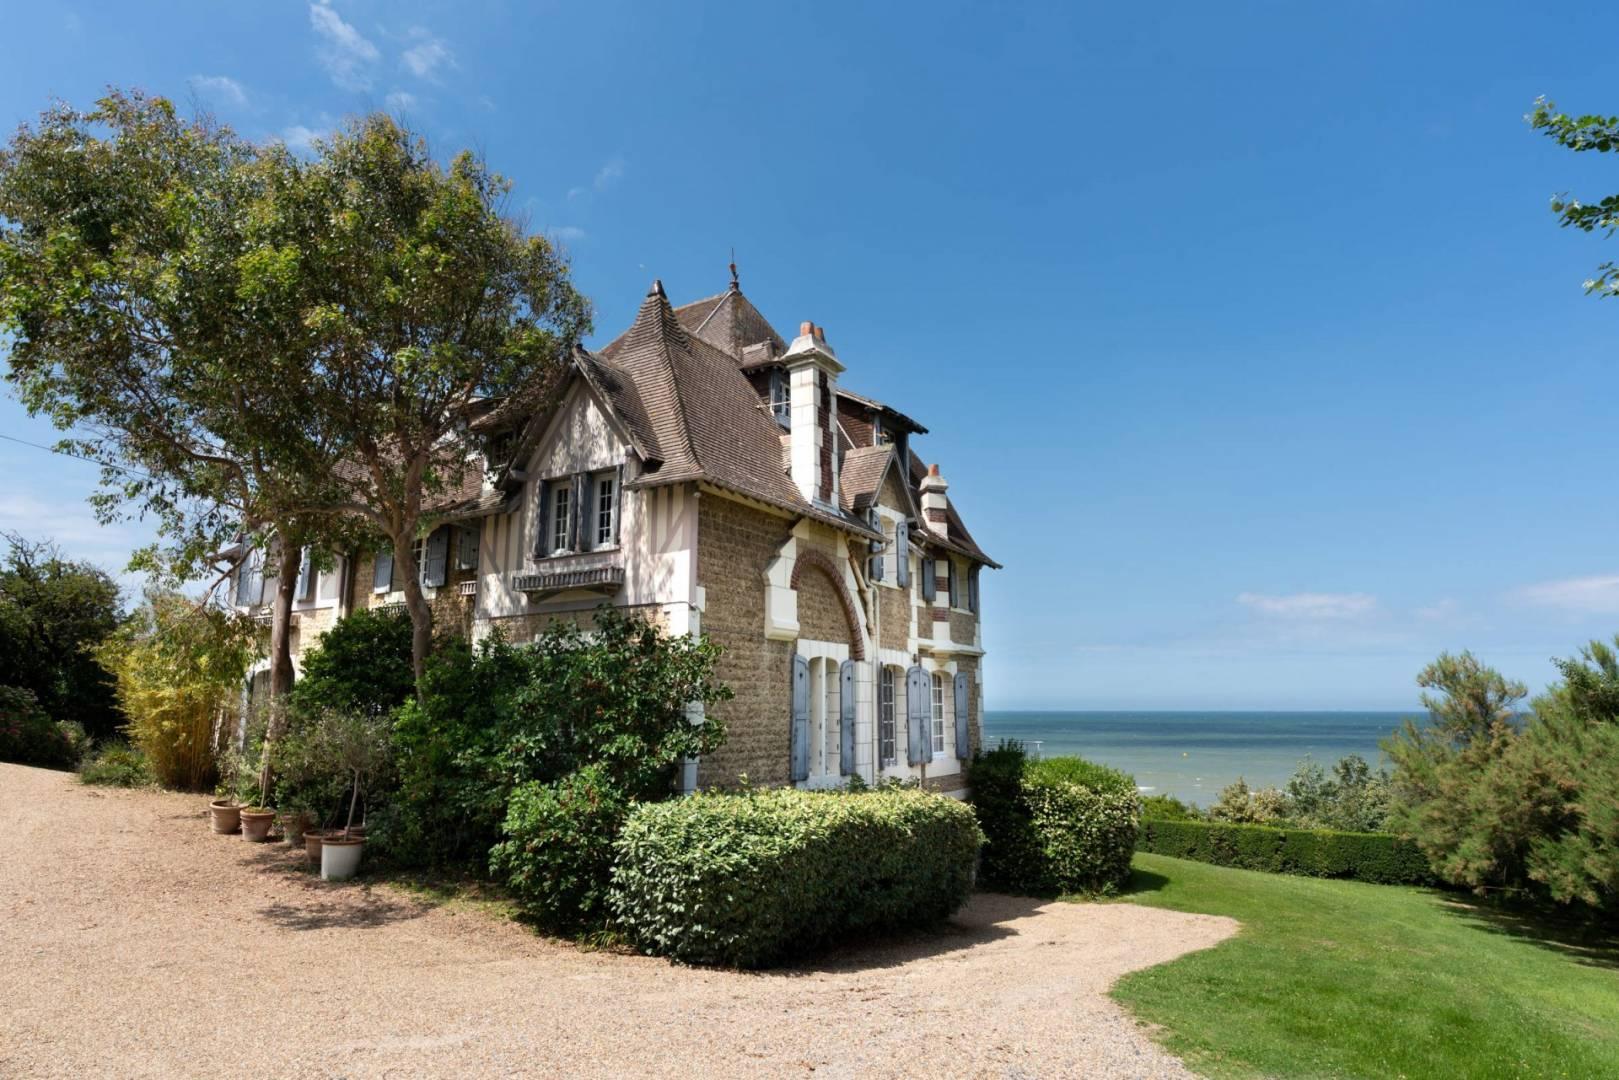 3 18 Deauville